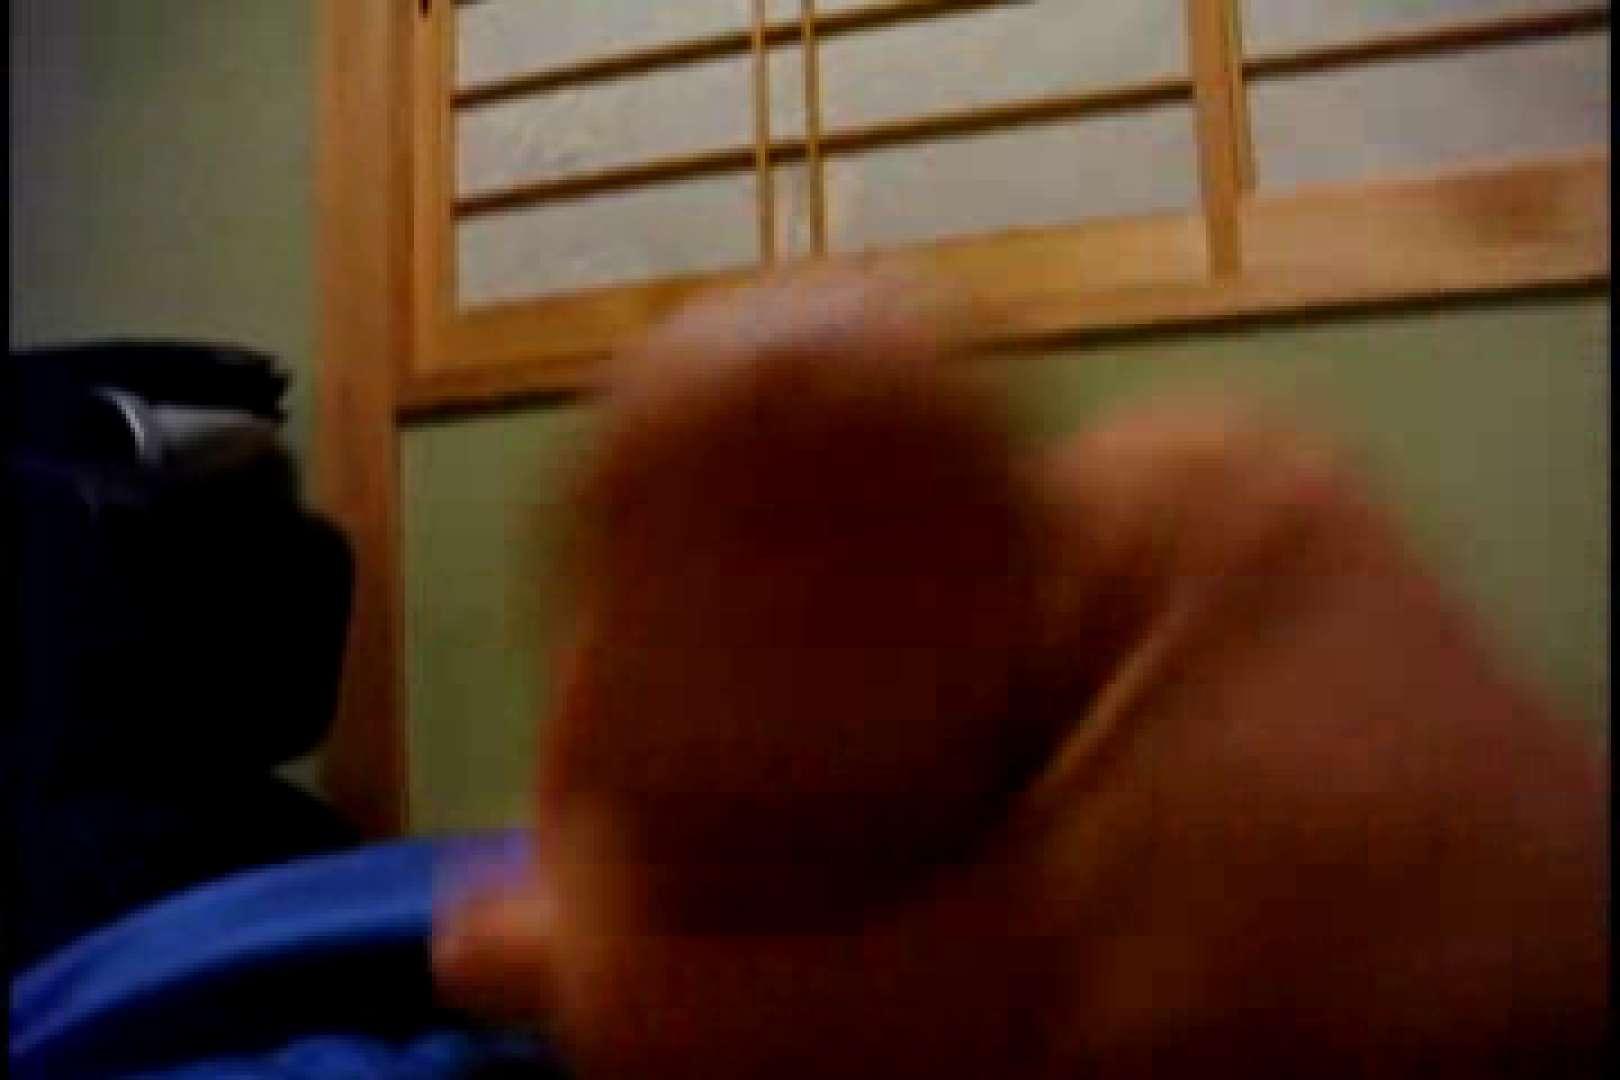 おちんちん|オナ好きノンケテニス部員の自画撮り投稿vol.02|射精